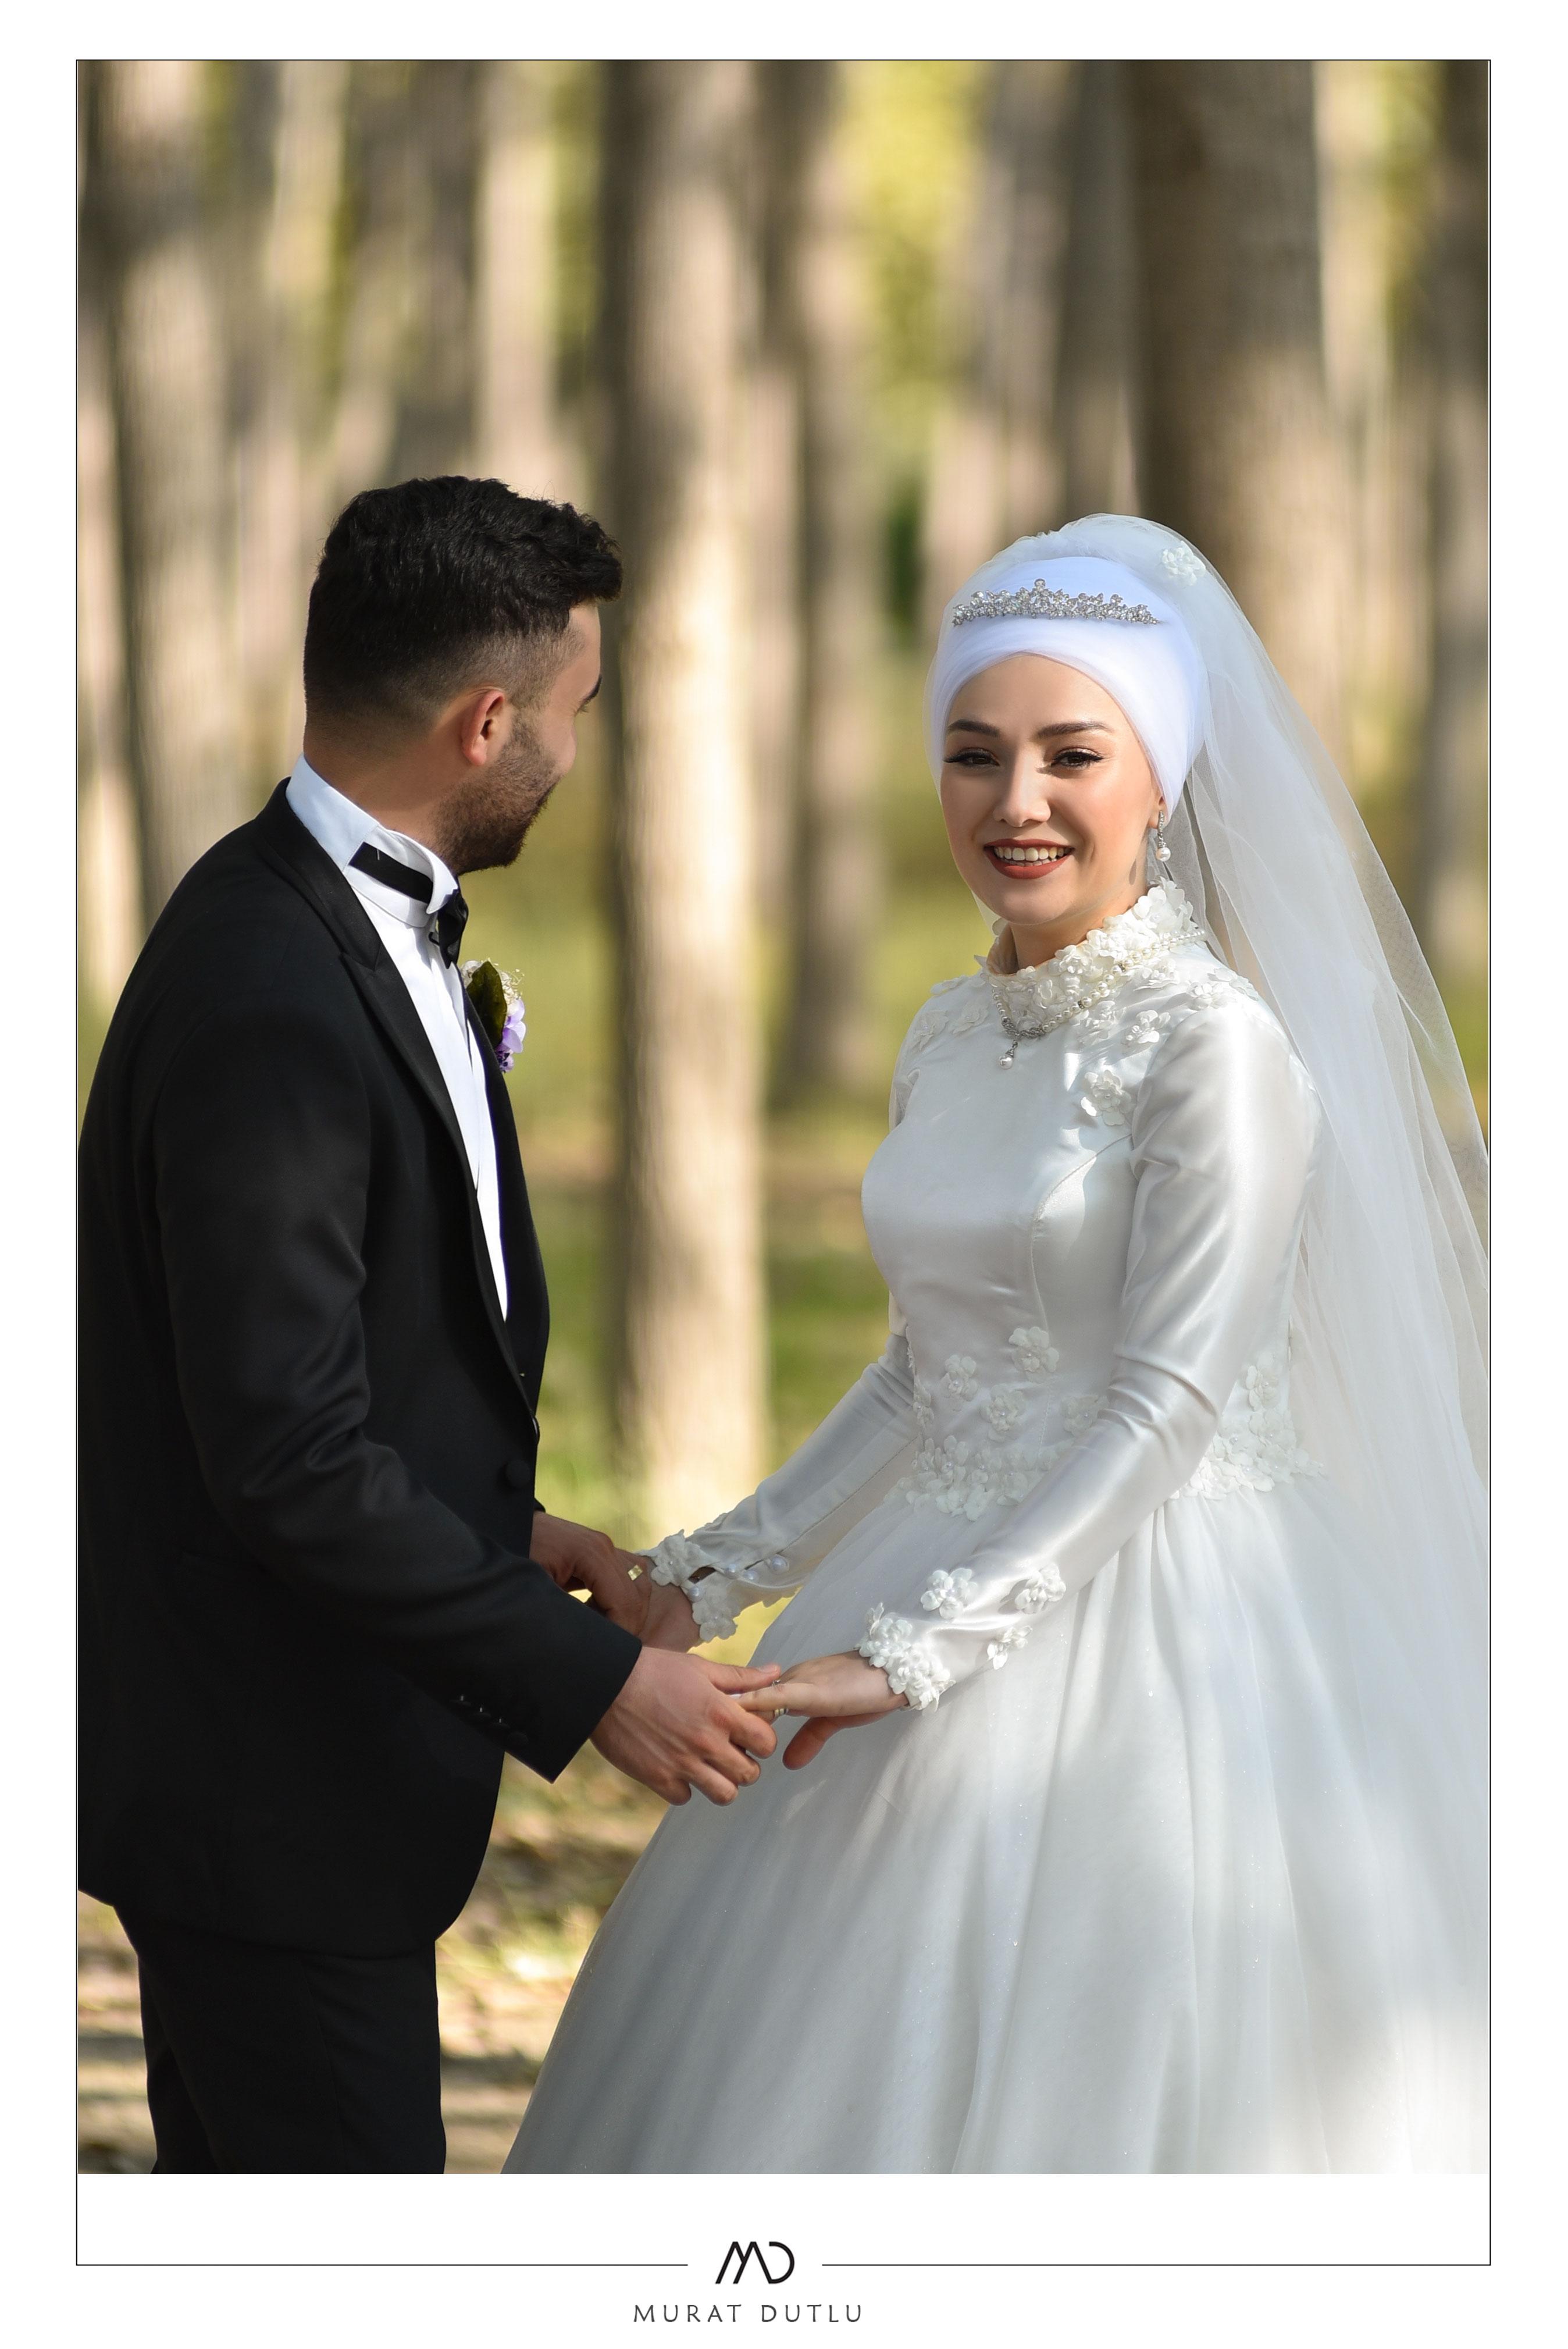 İzmir düğün hikayesi, düğün klibi, düğün belgeseli, düğün fotoğrafçısı